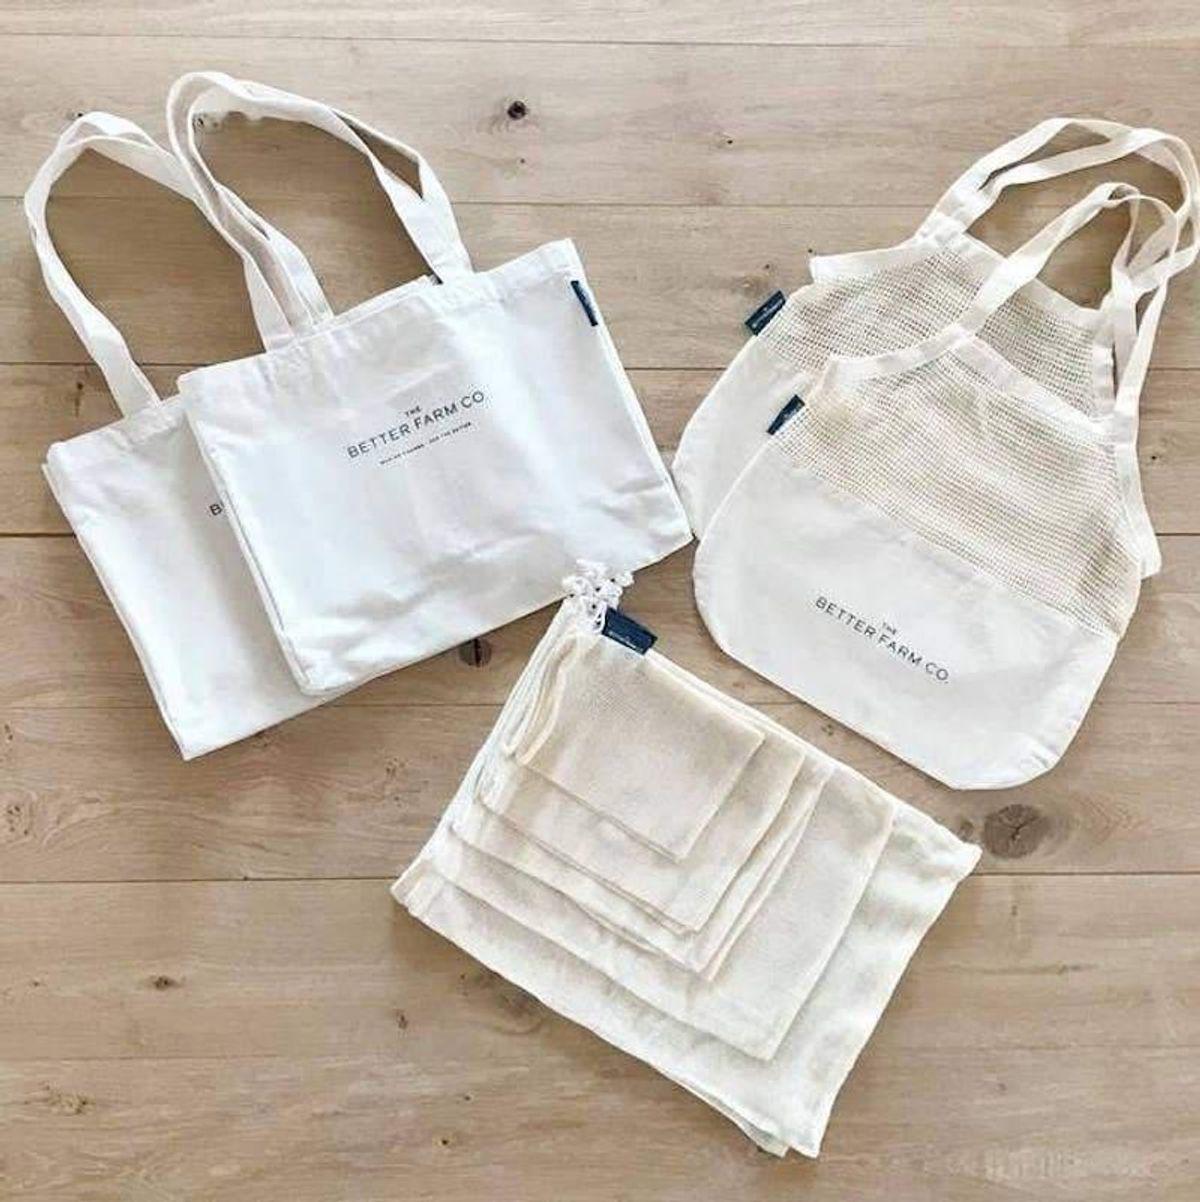 the better farm co organic cotton reusable shopping bag set